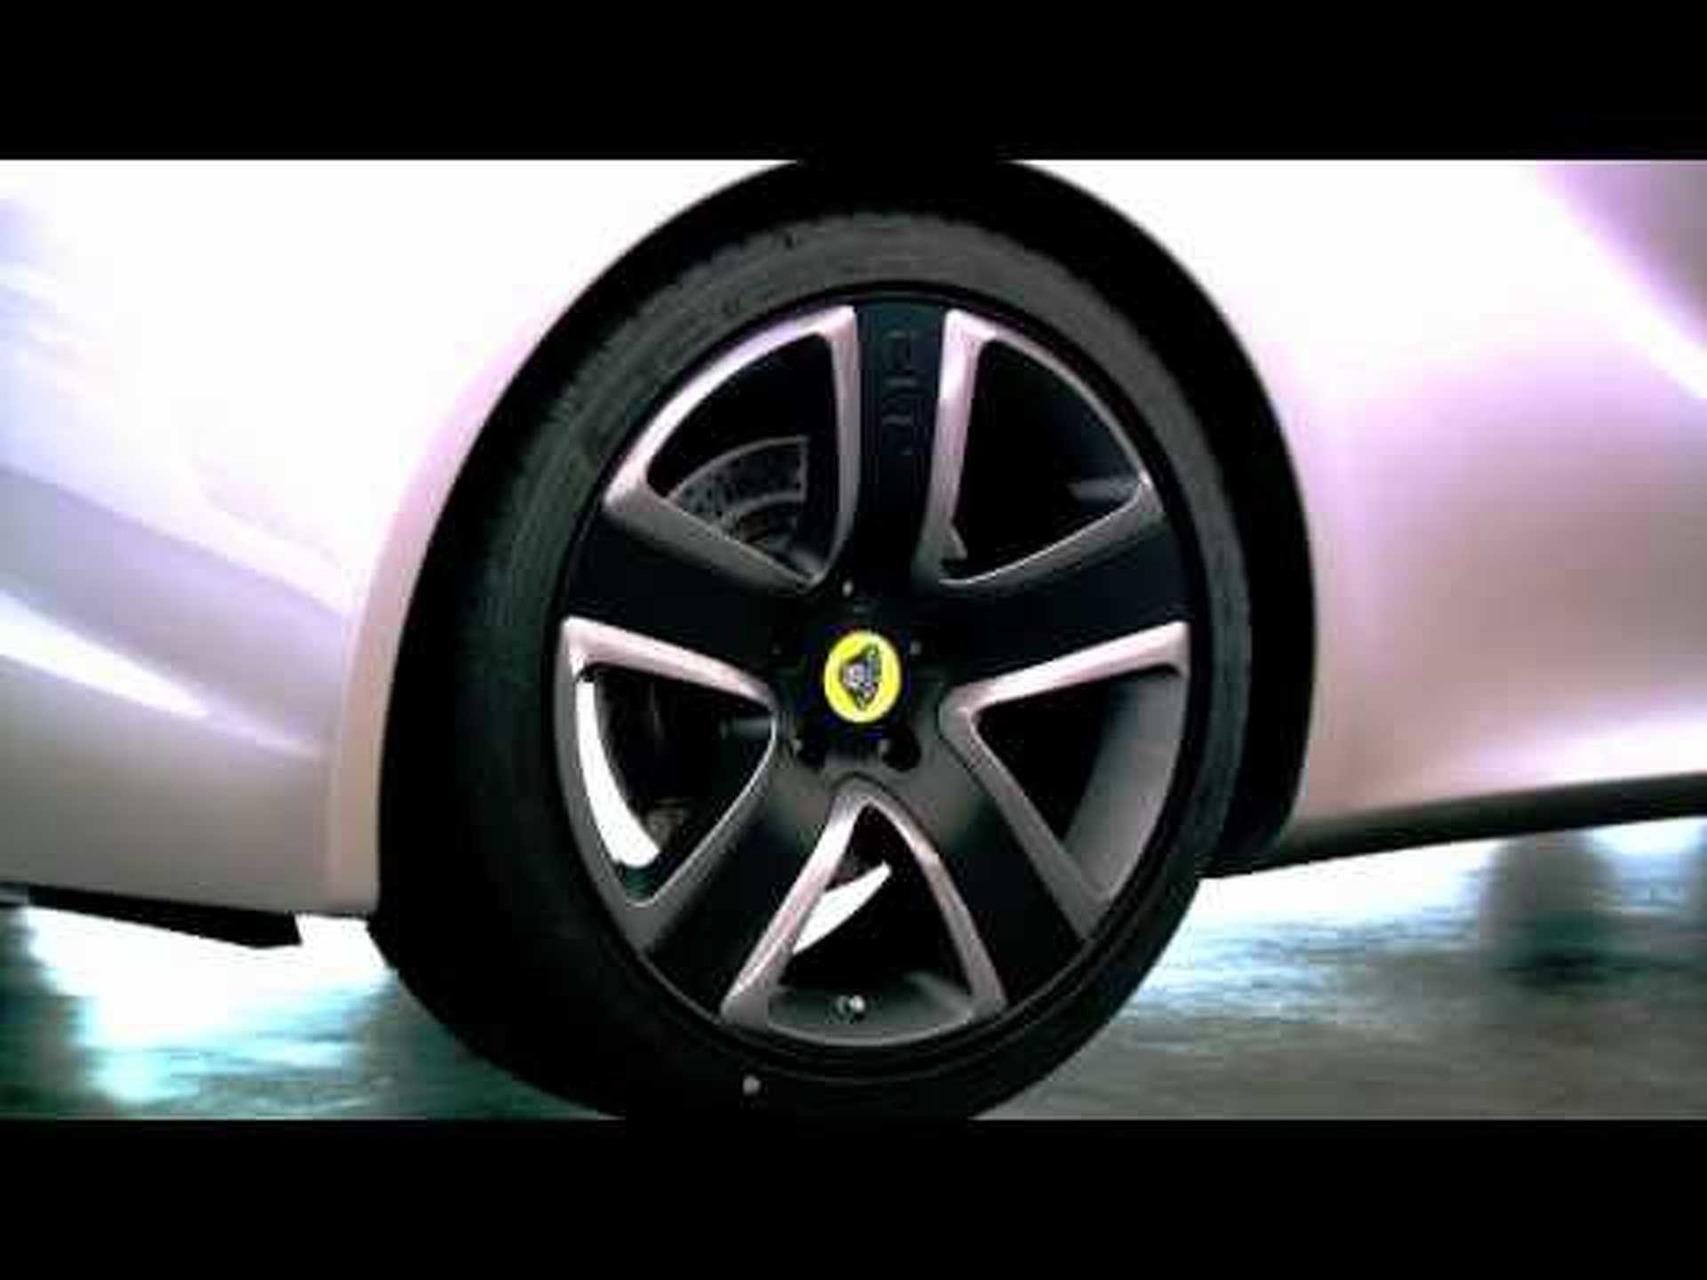 2010 Lotus Elan Concept Video.mov